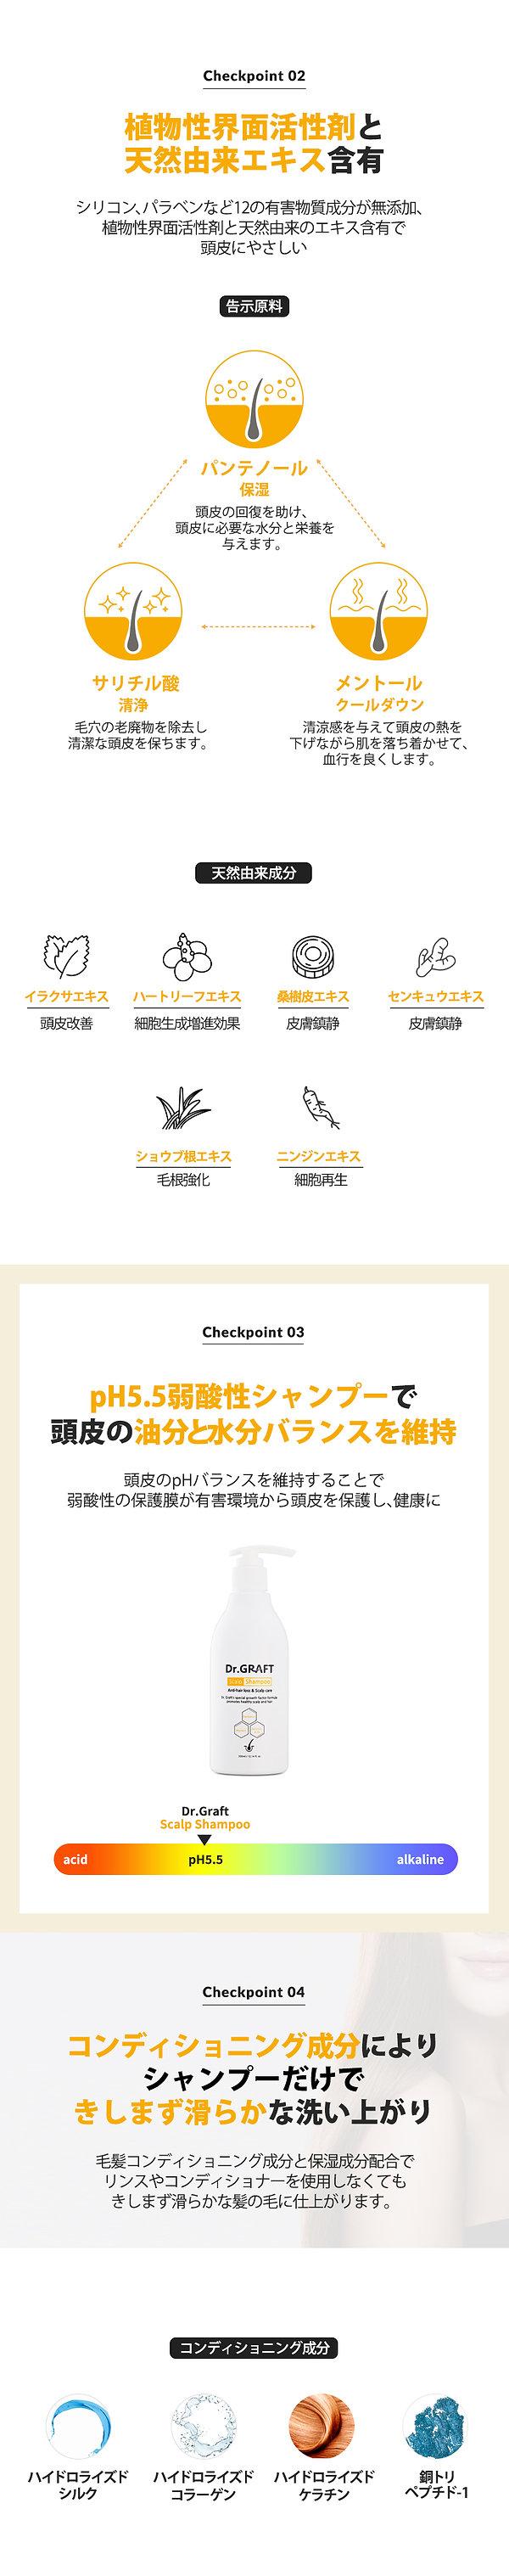 03_jp_scalp_shampoo修正.jpg